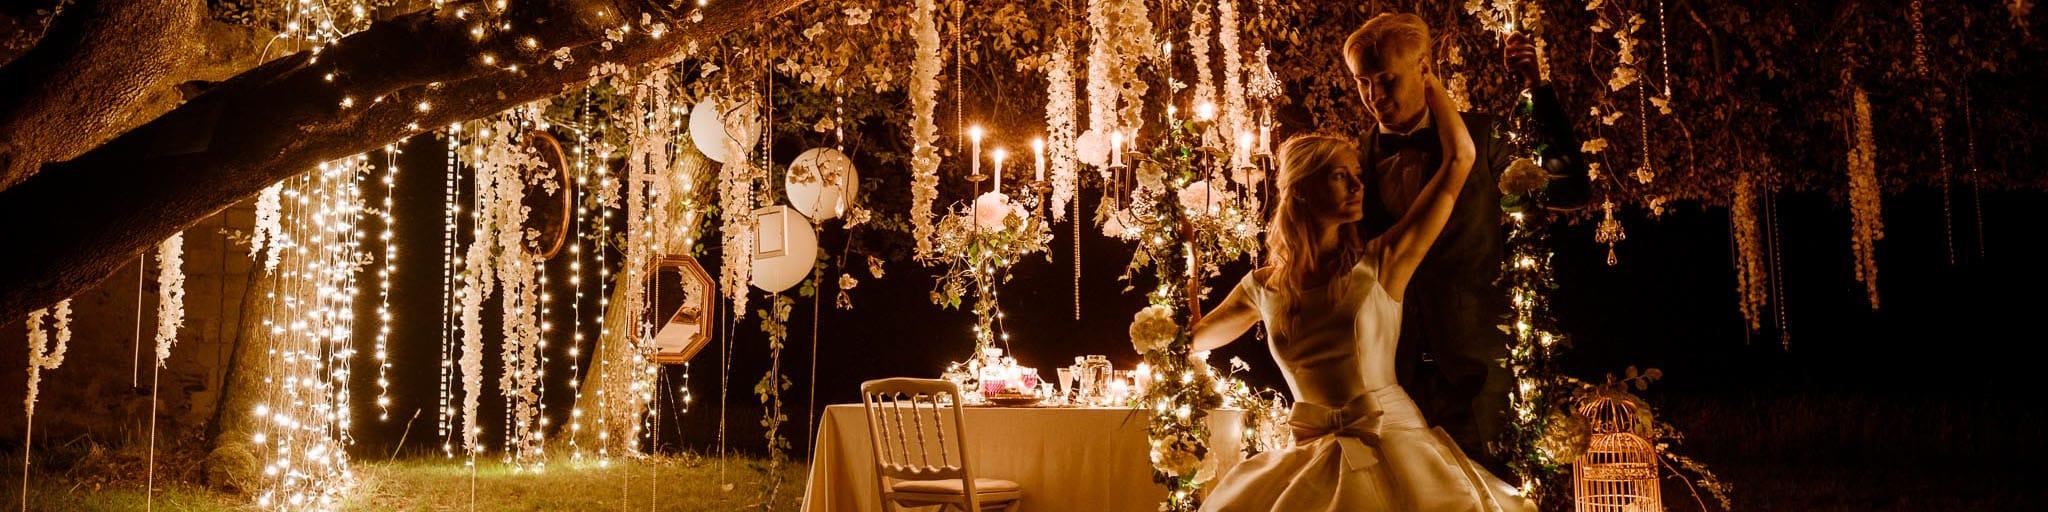 seance couple après-mariage day-after mise-en-scene geoffrey arnoldy le-temps-d'une-pose nuit féerique bougie